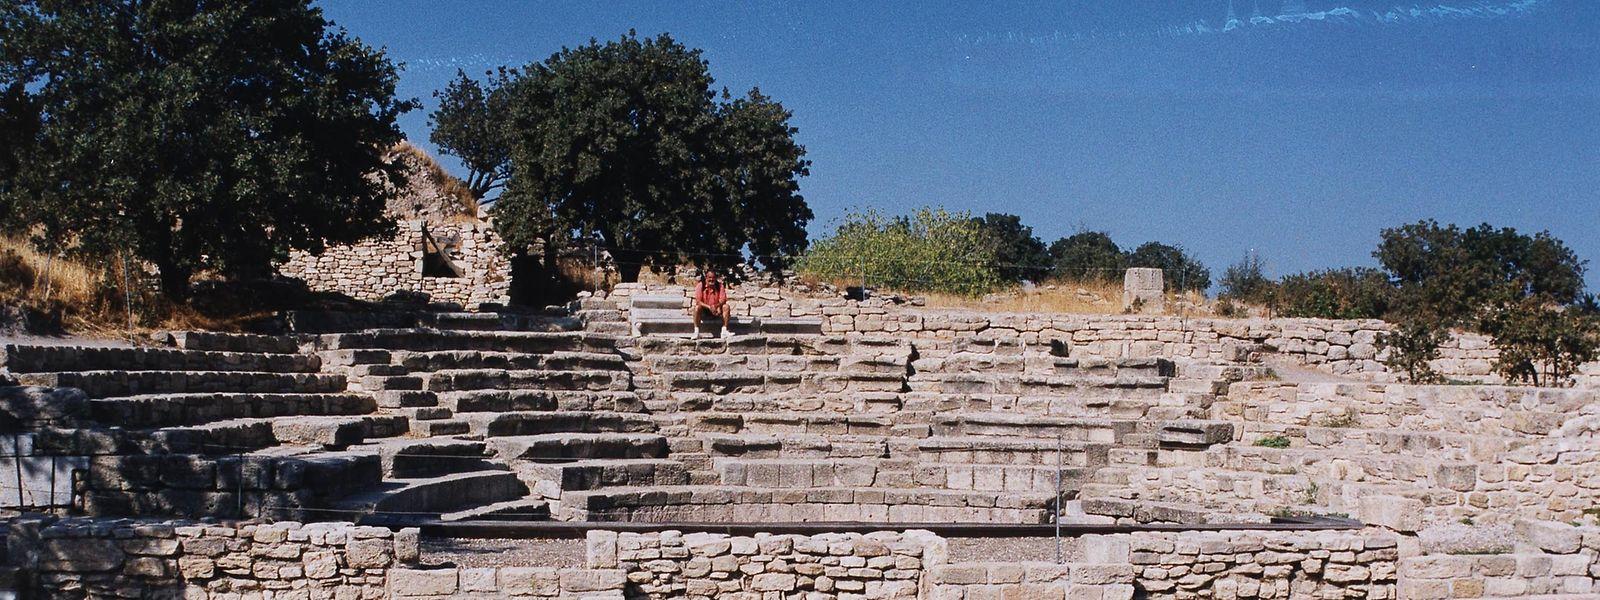 Die Siedlungsspuren in Troja gehen bis ins Jahr 2000 vor Christus zurück.